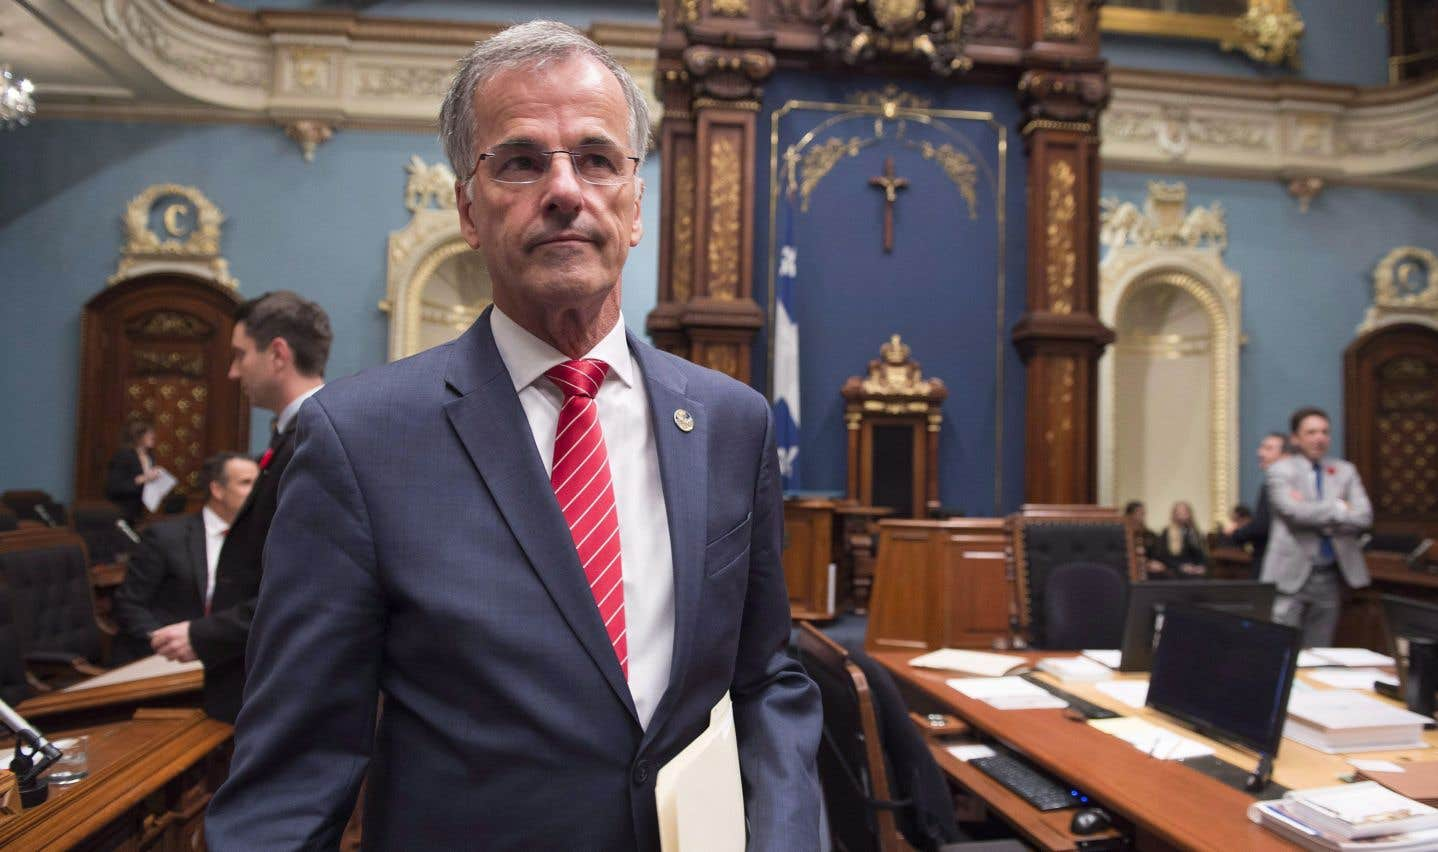 Le député libéral Guy Ouellette, qui siège maintenant comme indépendant, est au cœur d'une lutte de pouvoirs entre l'UPAC et l'Assemblée nationale.